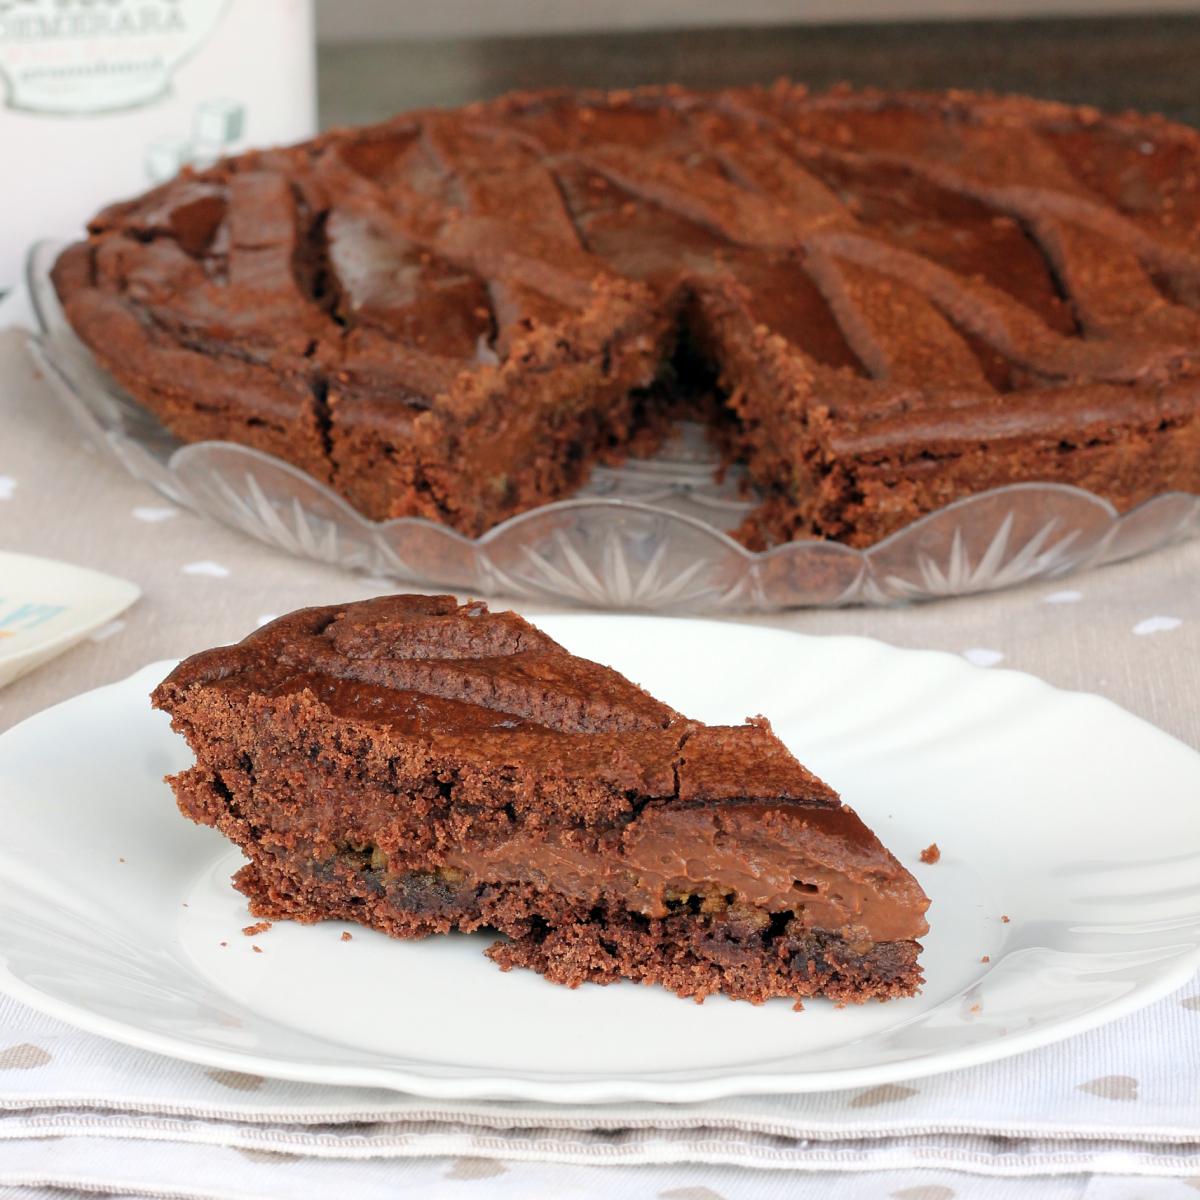 CROSTATA CIOCCOLATO E AMARETTI crostata con crema al cioccolato